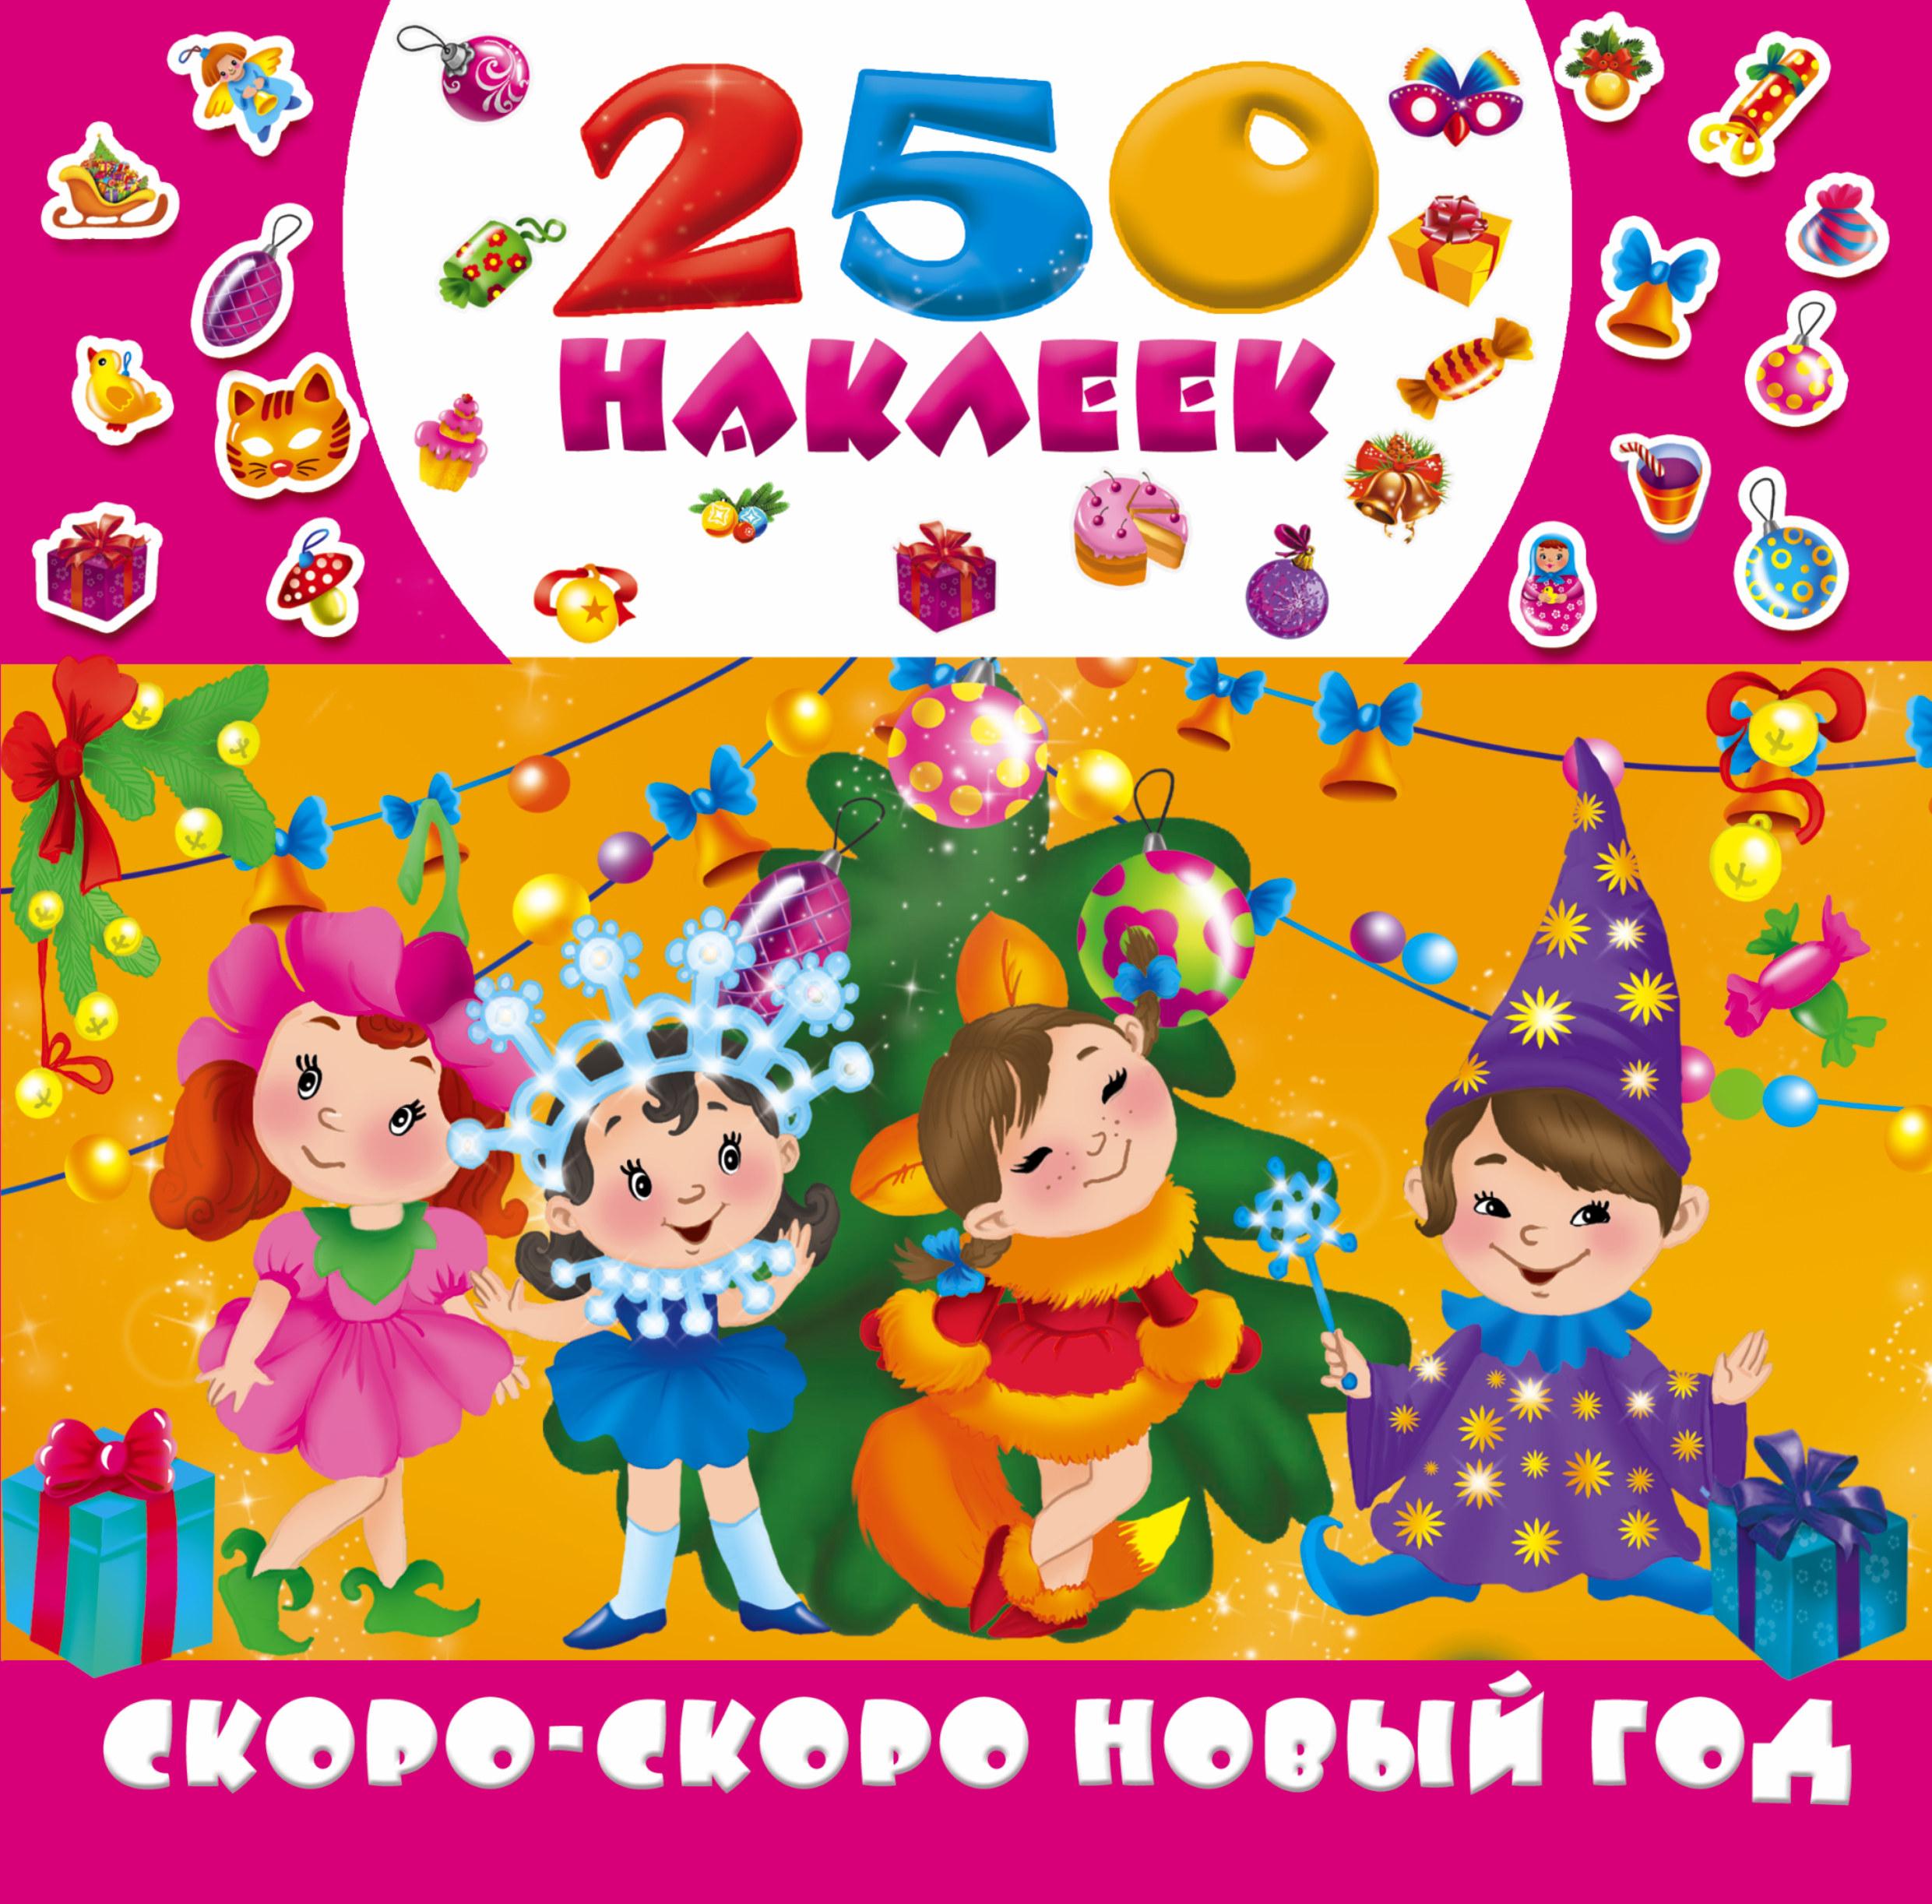 Горбунова И.В., Дмитриева В.Г. Скоро-скоро Новый год дмитриева в г альбом сказочных наклеек для мальчиков